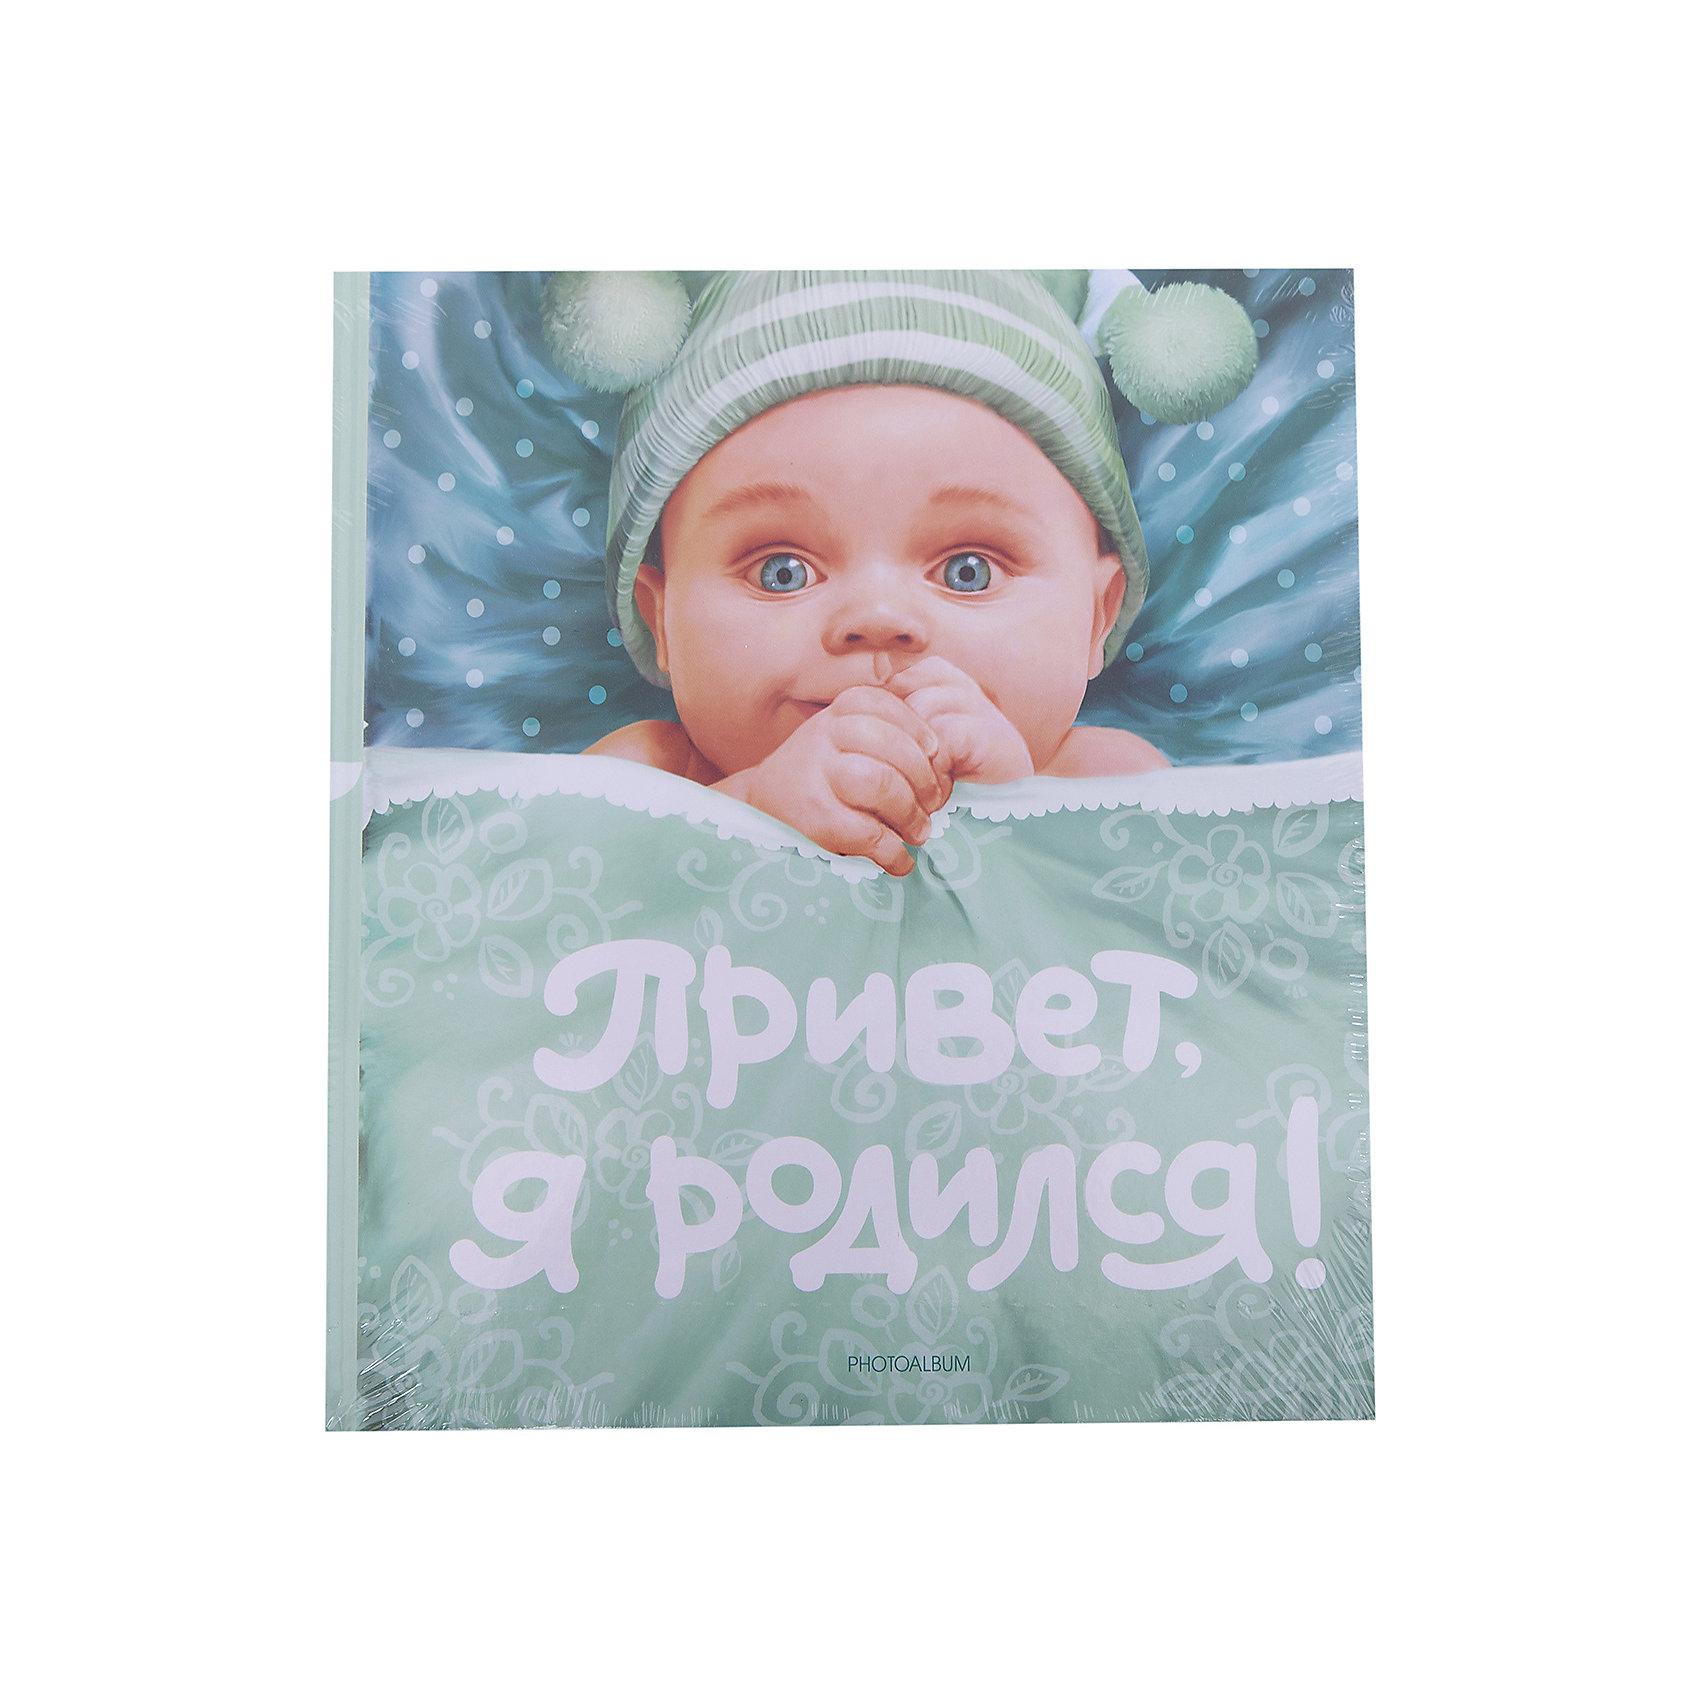 Фотоальбом Привет, я родился!, РосмэнАльбомы для новорожденного<br>Характеристики товара:<br><br>- цвет: разноцветный;<br>- материал: бумага, картон;<br>- формат: 27 х 14 см;<br>- страниц: 48;<br>- размер фотографий: 10 х 15 см;<br>- количество фотографий: 29;<br>- обложка: твердая.<br><br><br>Этот фотоальбом станет отличным подарком для родителей и ребенка. Он поможет сохранить самые важные моменты из жизни малыша. Каждый разворот альбома - тематический, также на страницах можно заполнить поля для записей.<br>Удобный формат и красивая обложка. Издание произведено из качественных материалов, которые безопасны даже для самых маленьких.<br><br>Издание Привет, я родился! от компании Росмэн можно купить в нашем интернет-магазине.<br><br>Ширина мм: 268<br>Глубина мм: 244<br>Высота мм: 9<br>Вес г: 390<br>Возраст от месяцев: 24<br>Возраст до месяцев: 36<br>Пол: Мужской<br>Возраст: Детский<br>SKU: 3335619